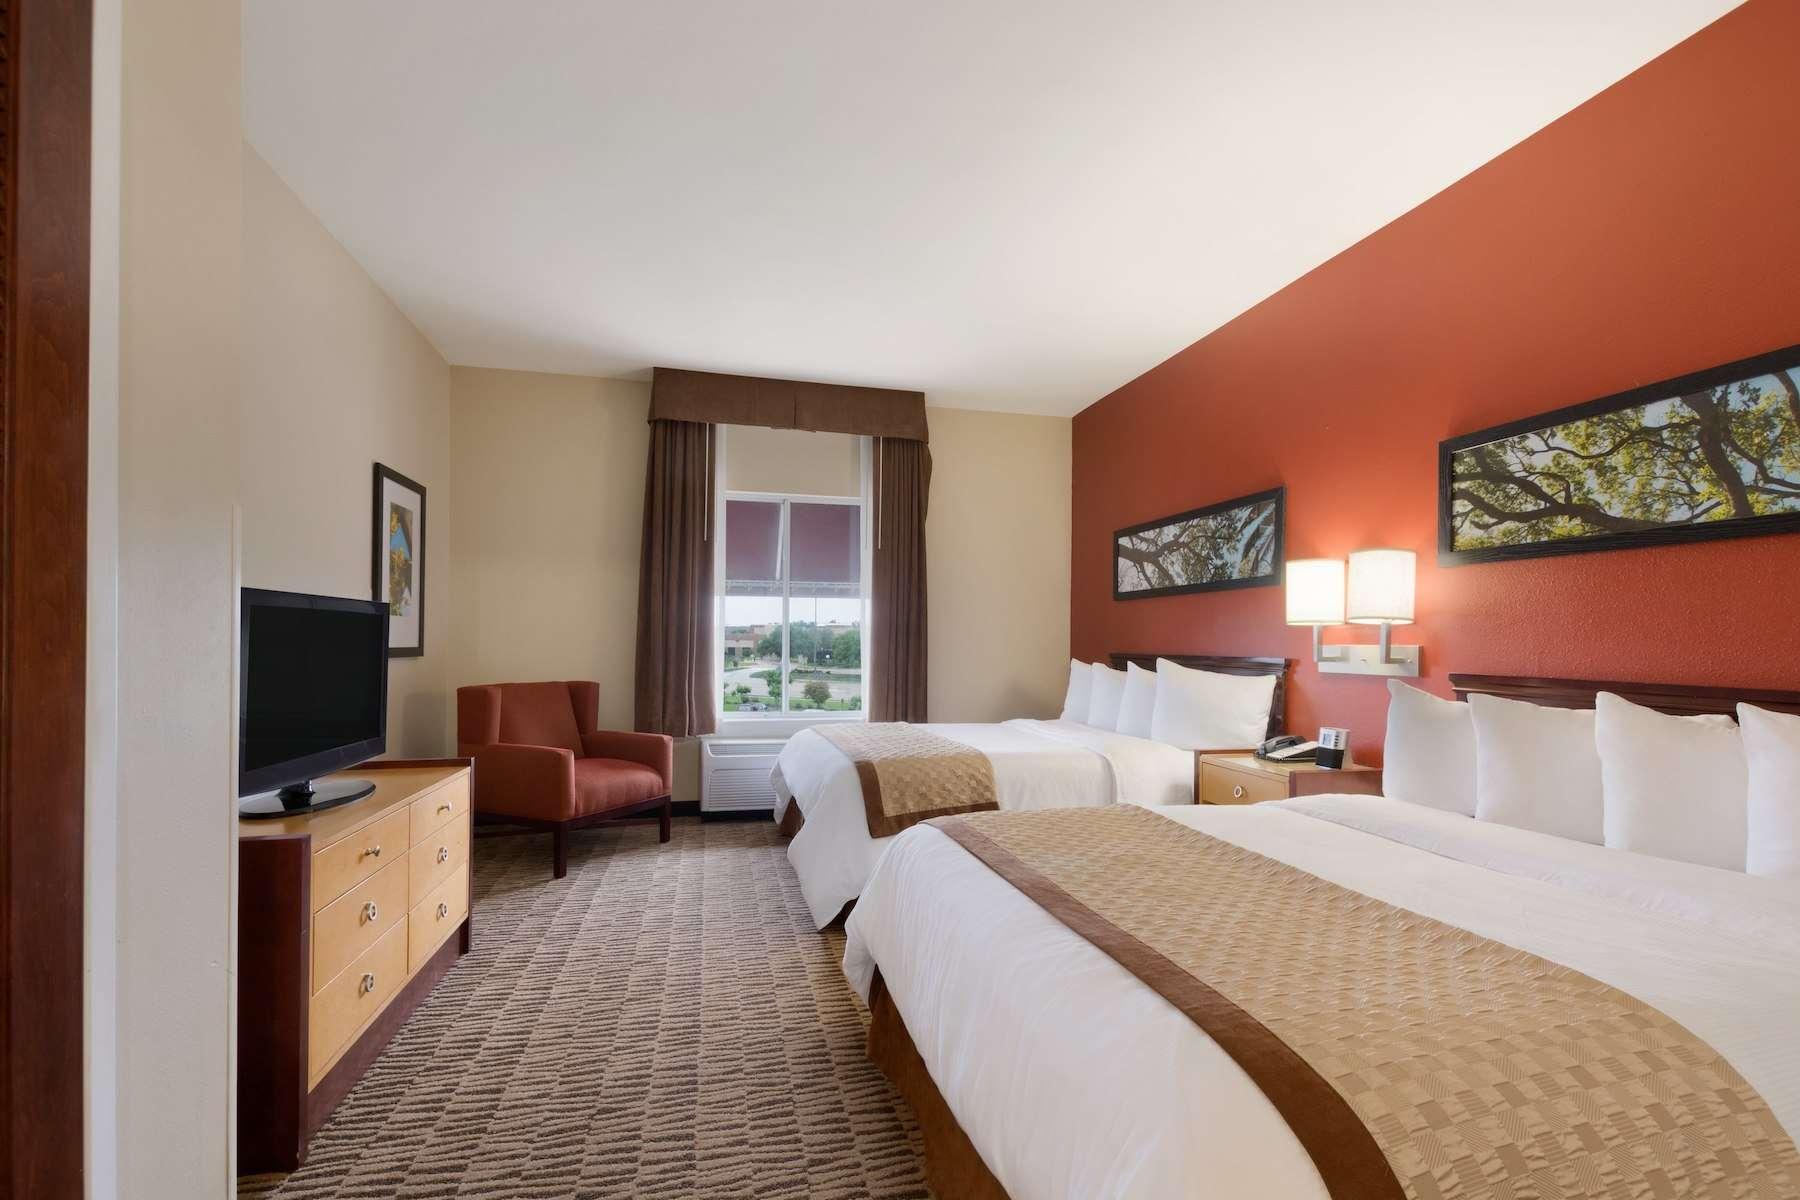 30818_guest_room_2.jpg